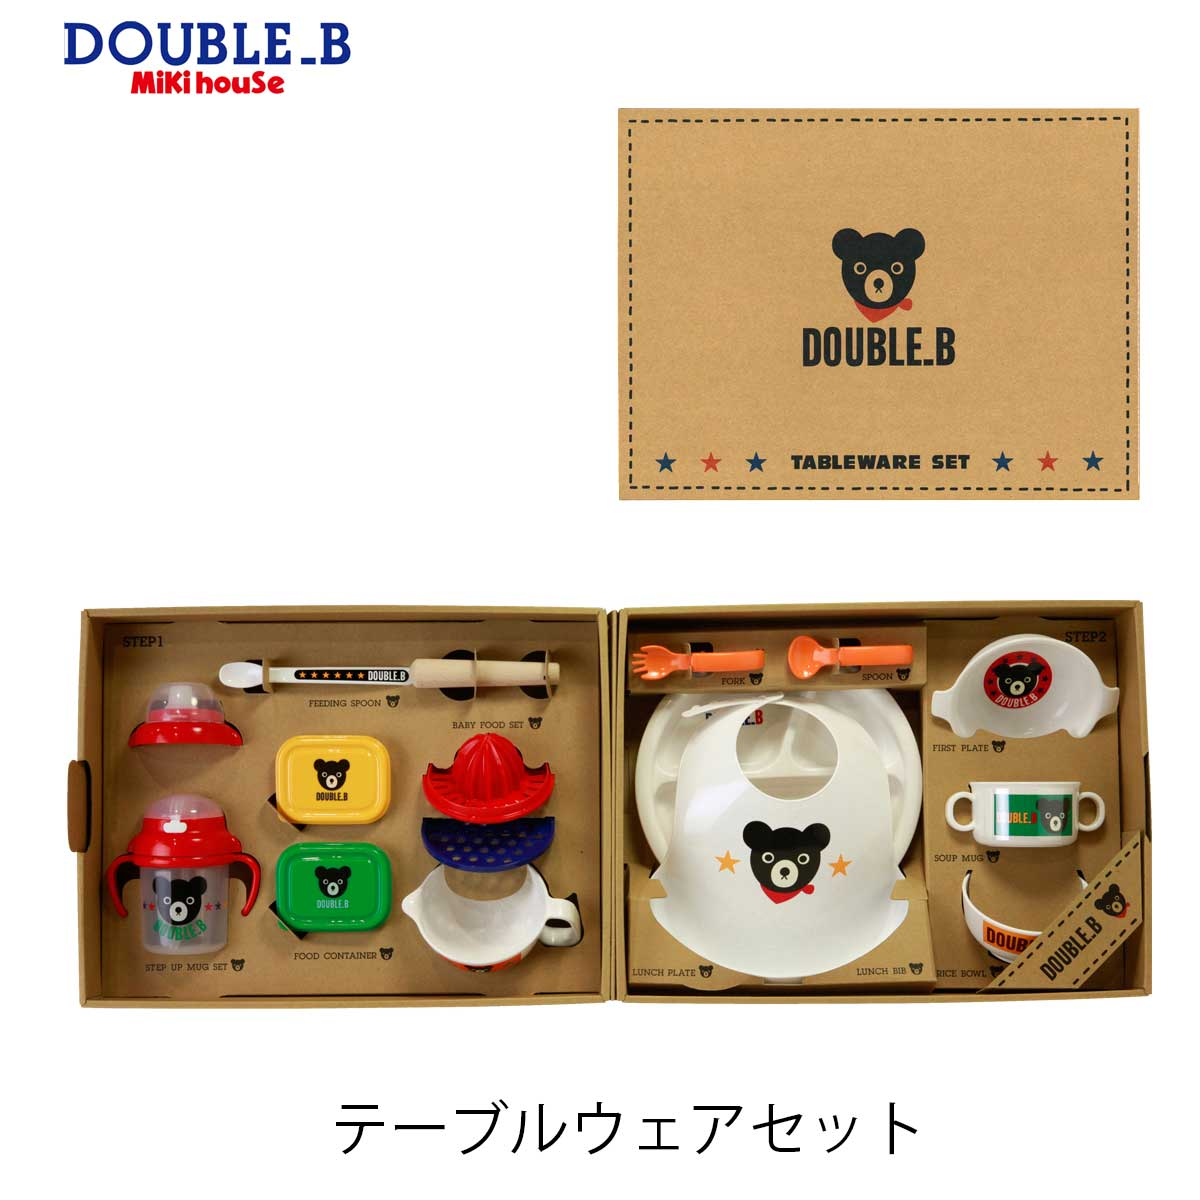 超人気 DOUBLE_B お取り寄せ商品 ミキハウスの包装紙でラッピングします ダブルB テーブルウェアセット 出産祝いギフトセット 送料無料 感謝価格 箱付 ベビー食器セット